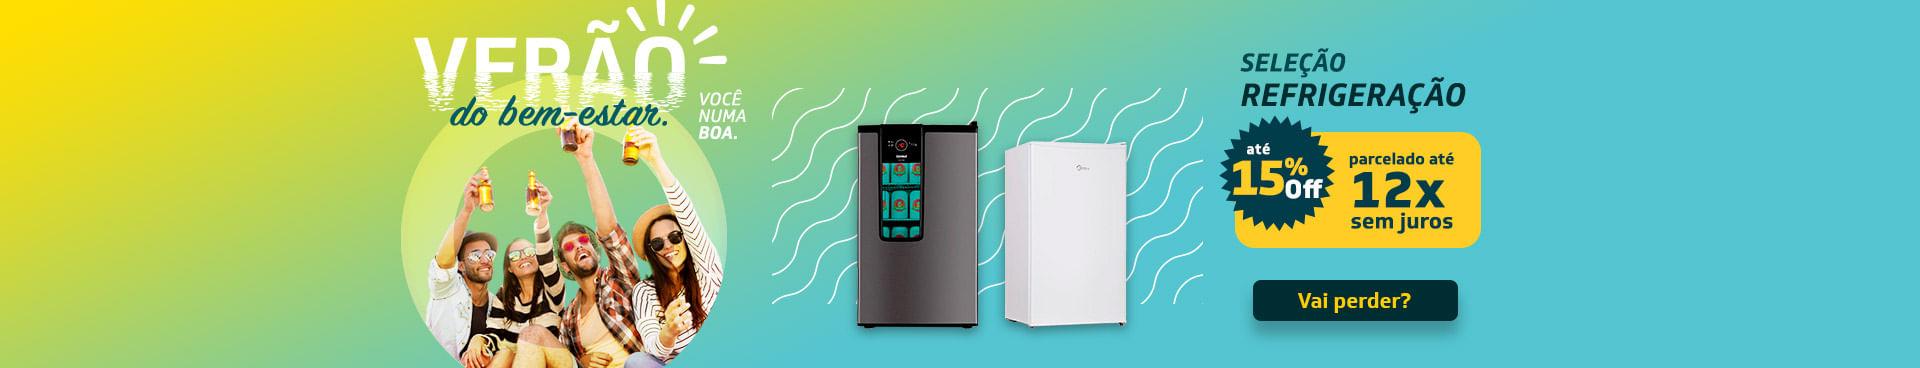 Verão com Refrigeração | Leveros